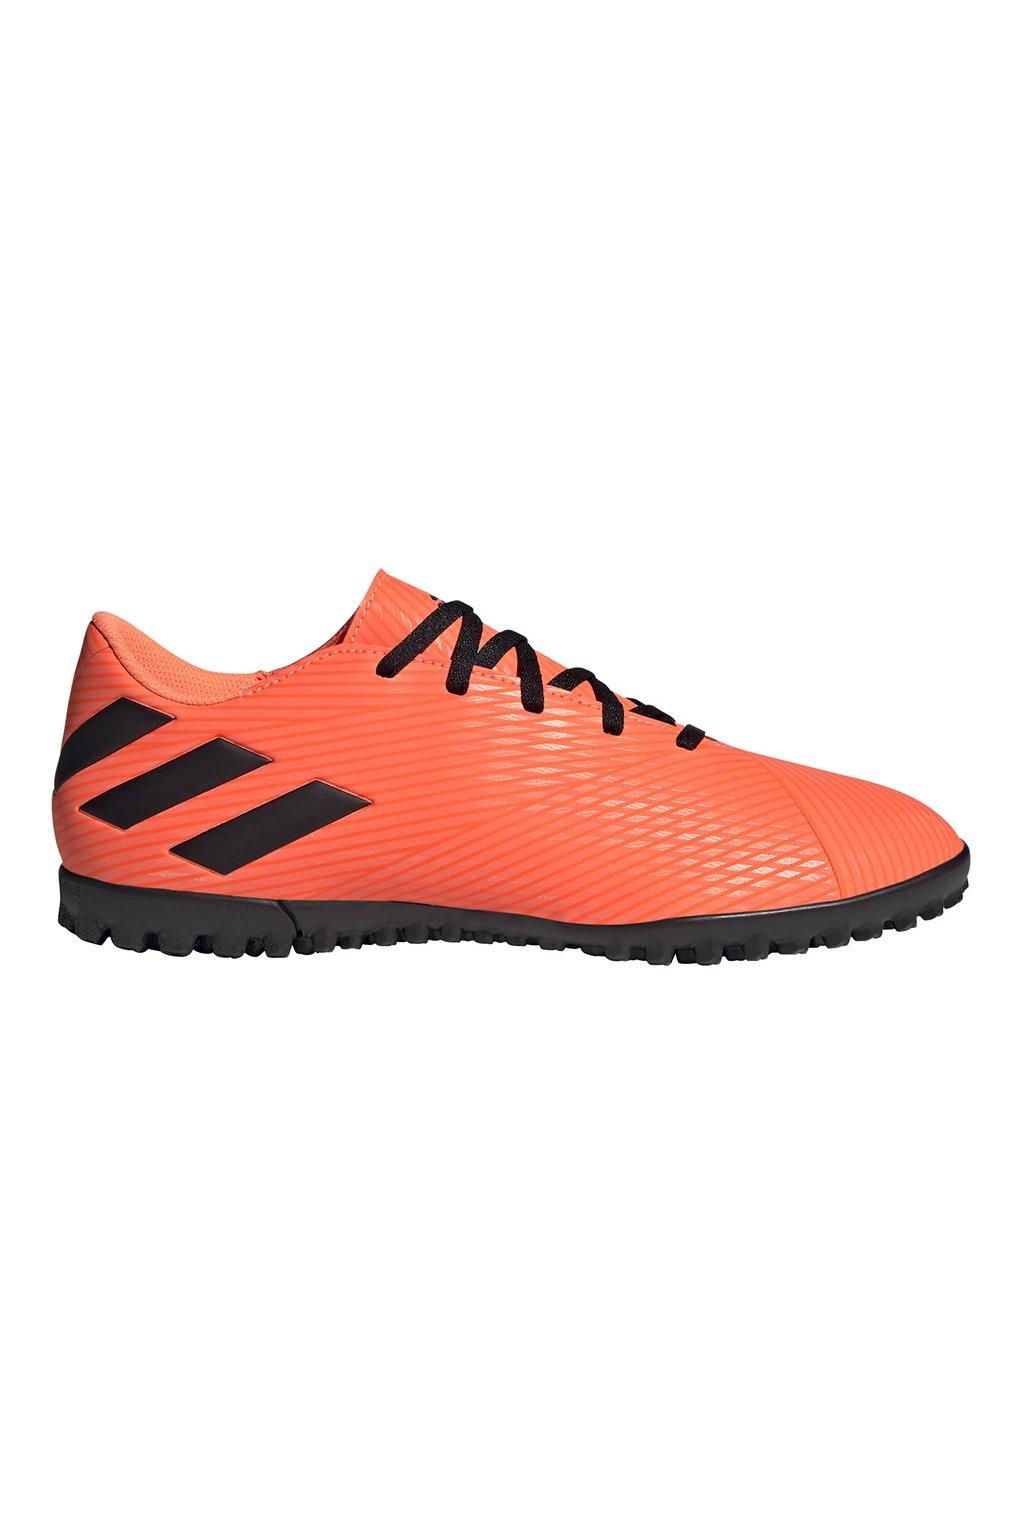 Futbalové kopačky Adidas Nemeziz 19.4 TF oranžové EH0304